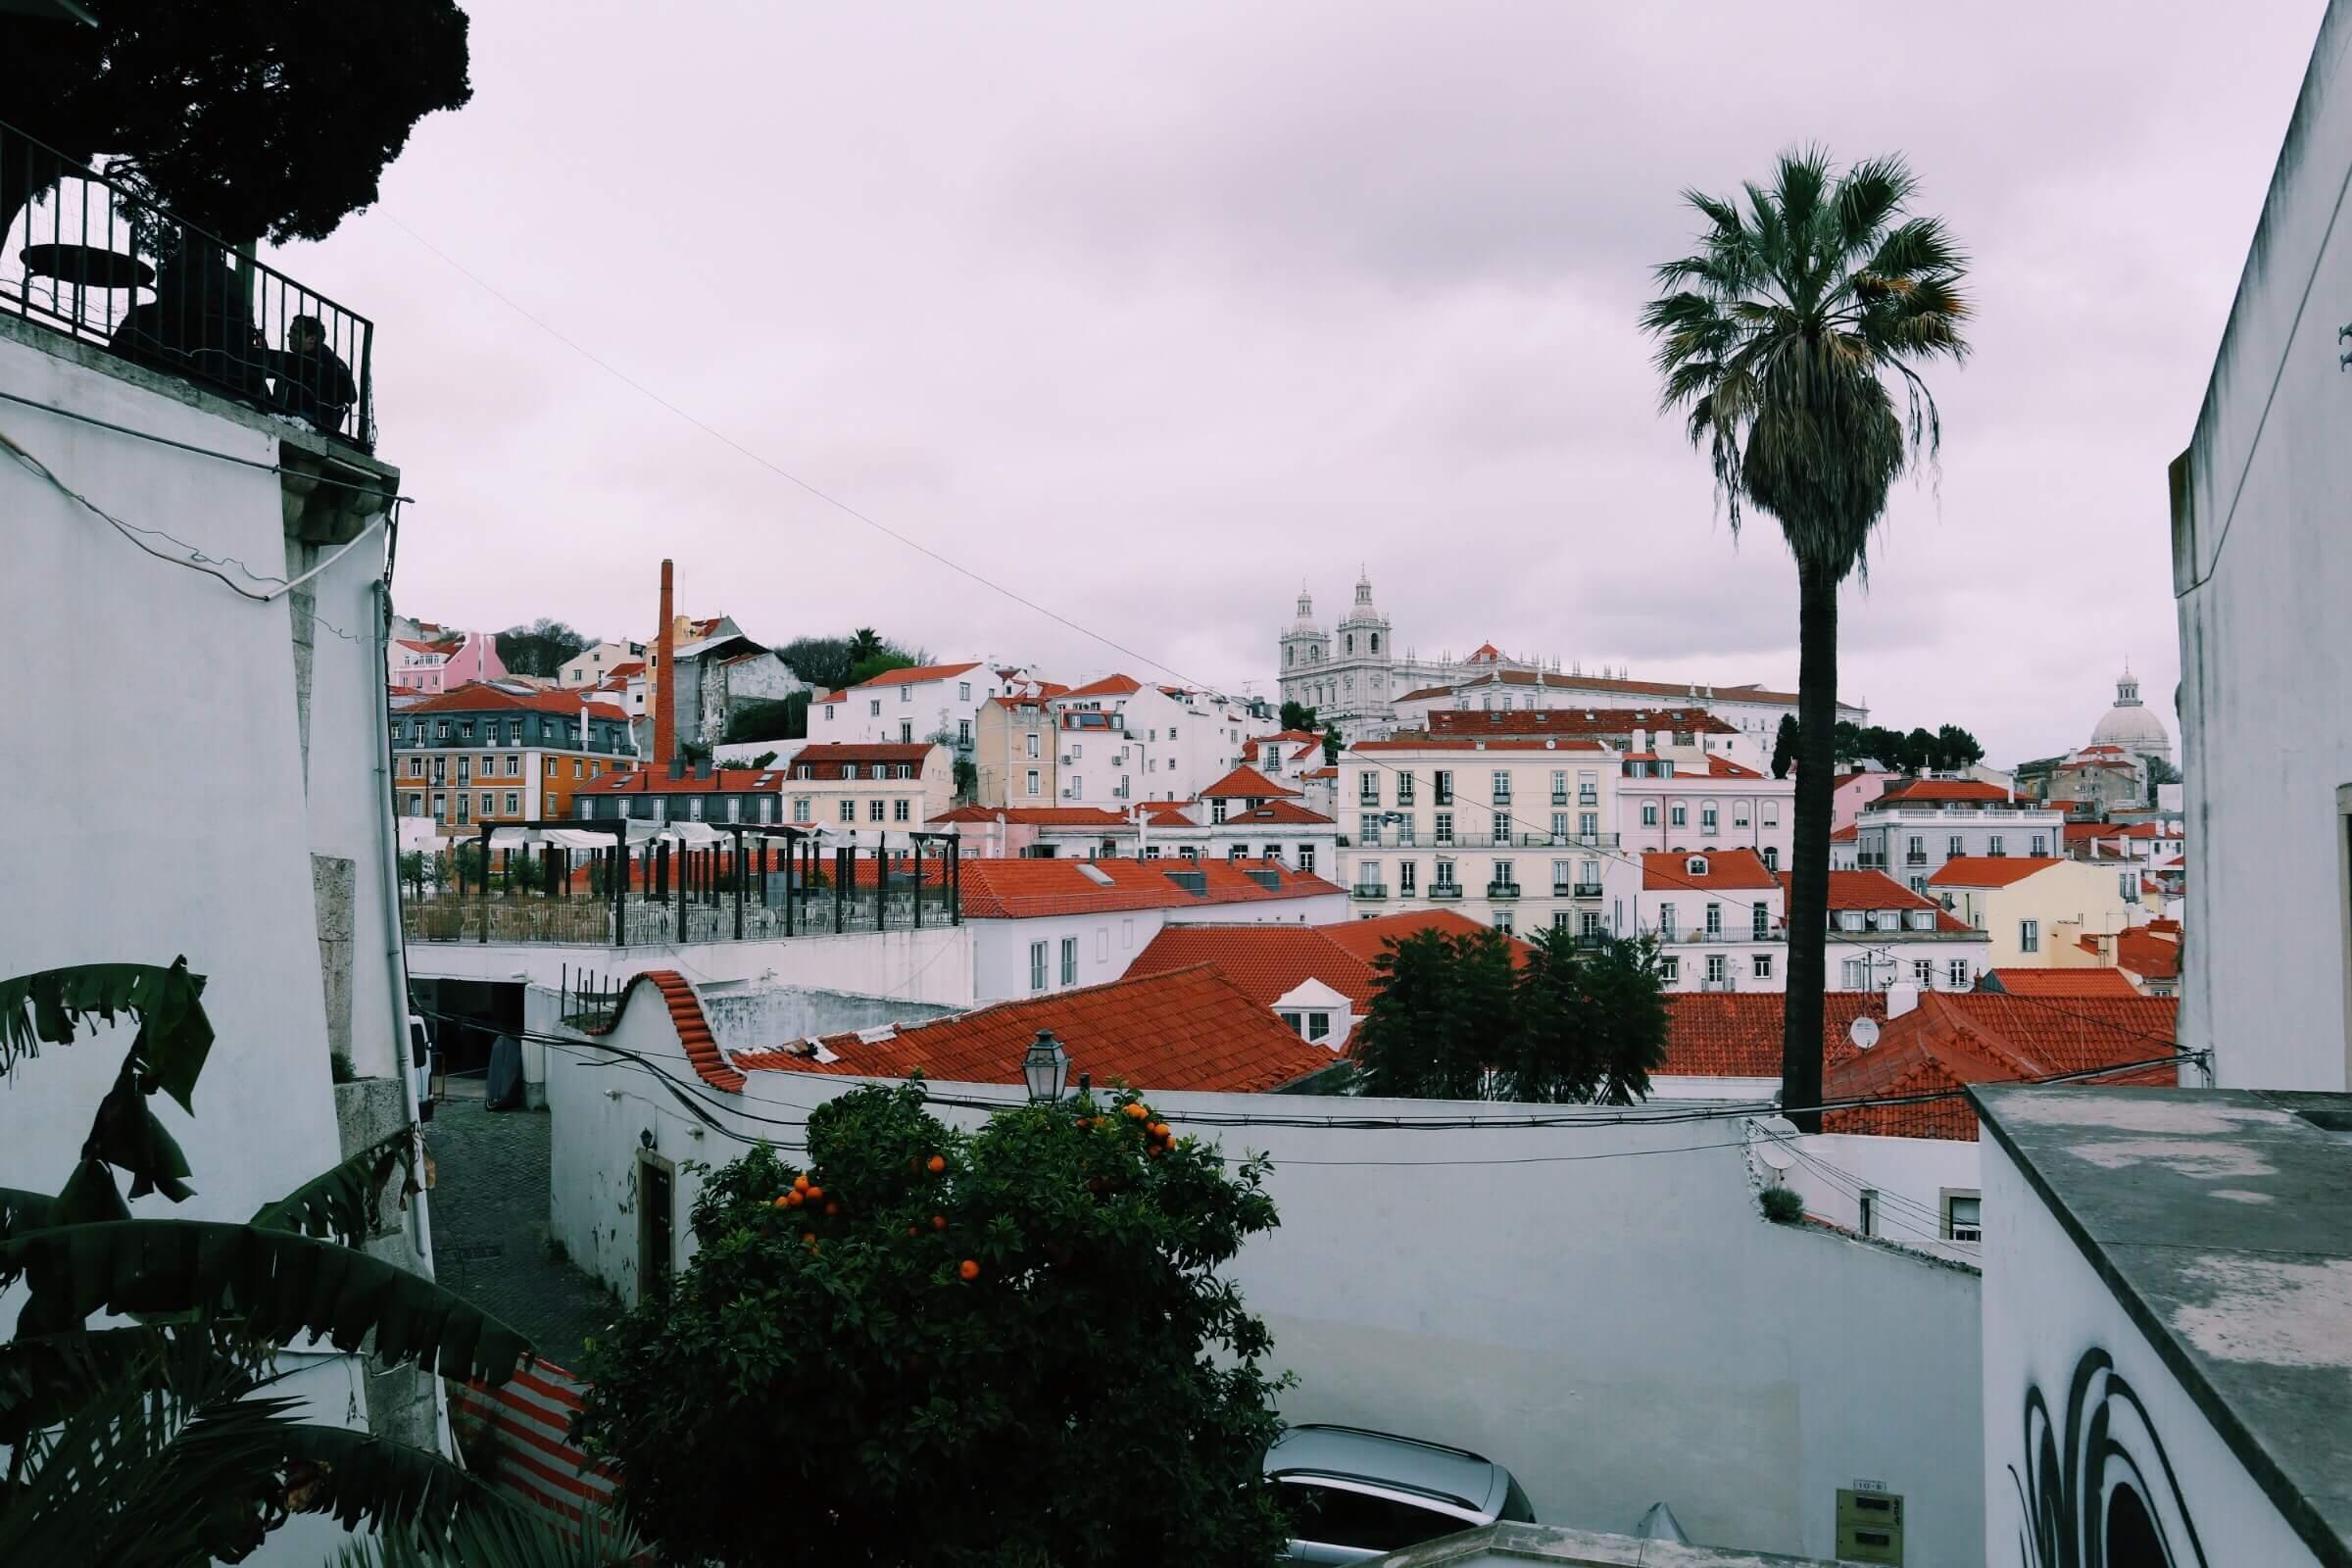 Miradouro Portas Do Sol in Lisbon